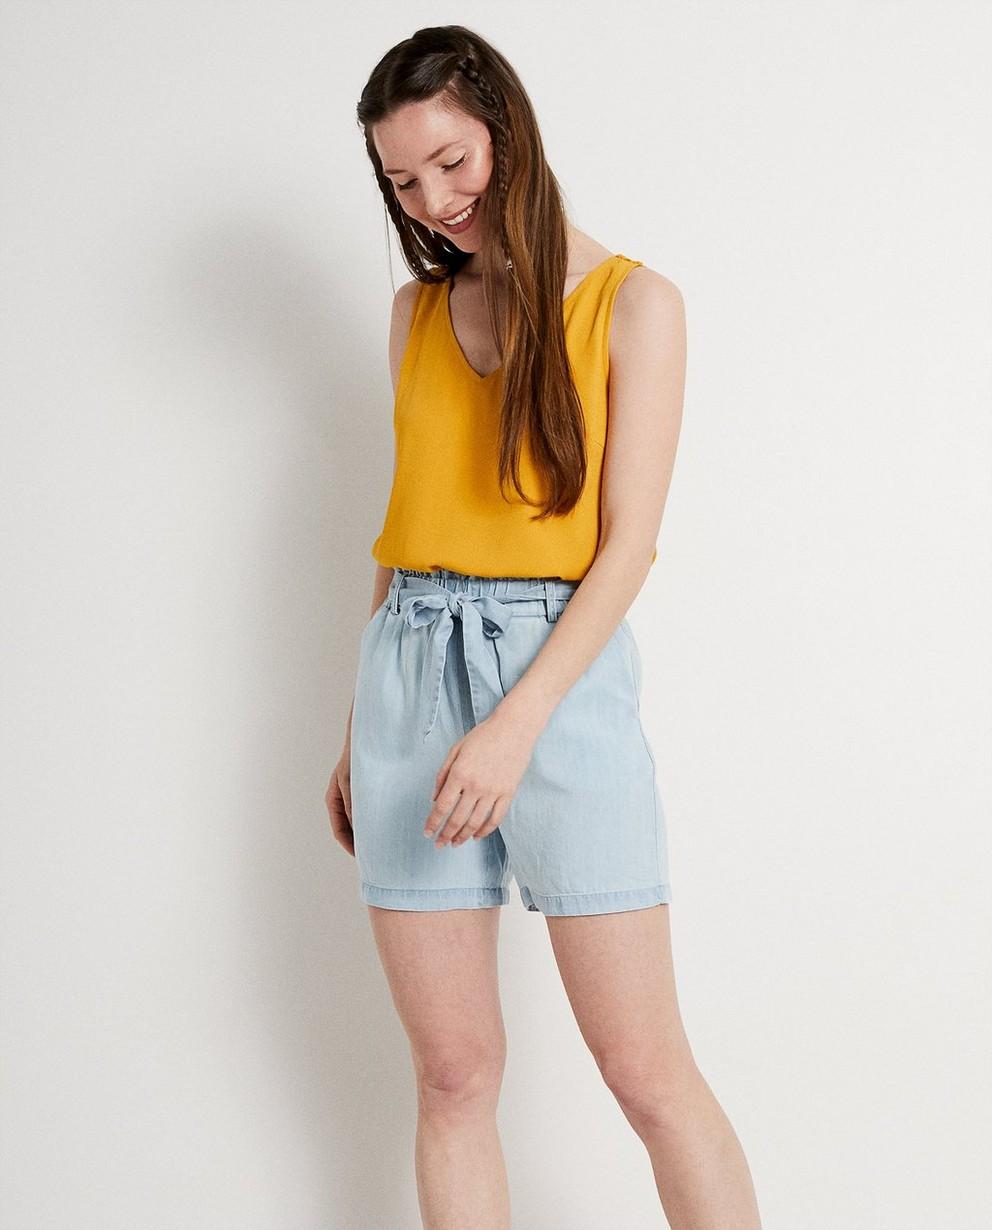 Chemises - honey - Top ocre, dos avec dentelle